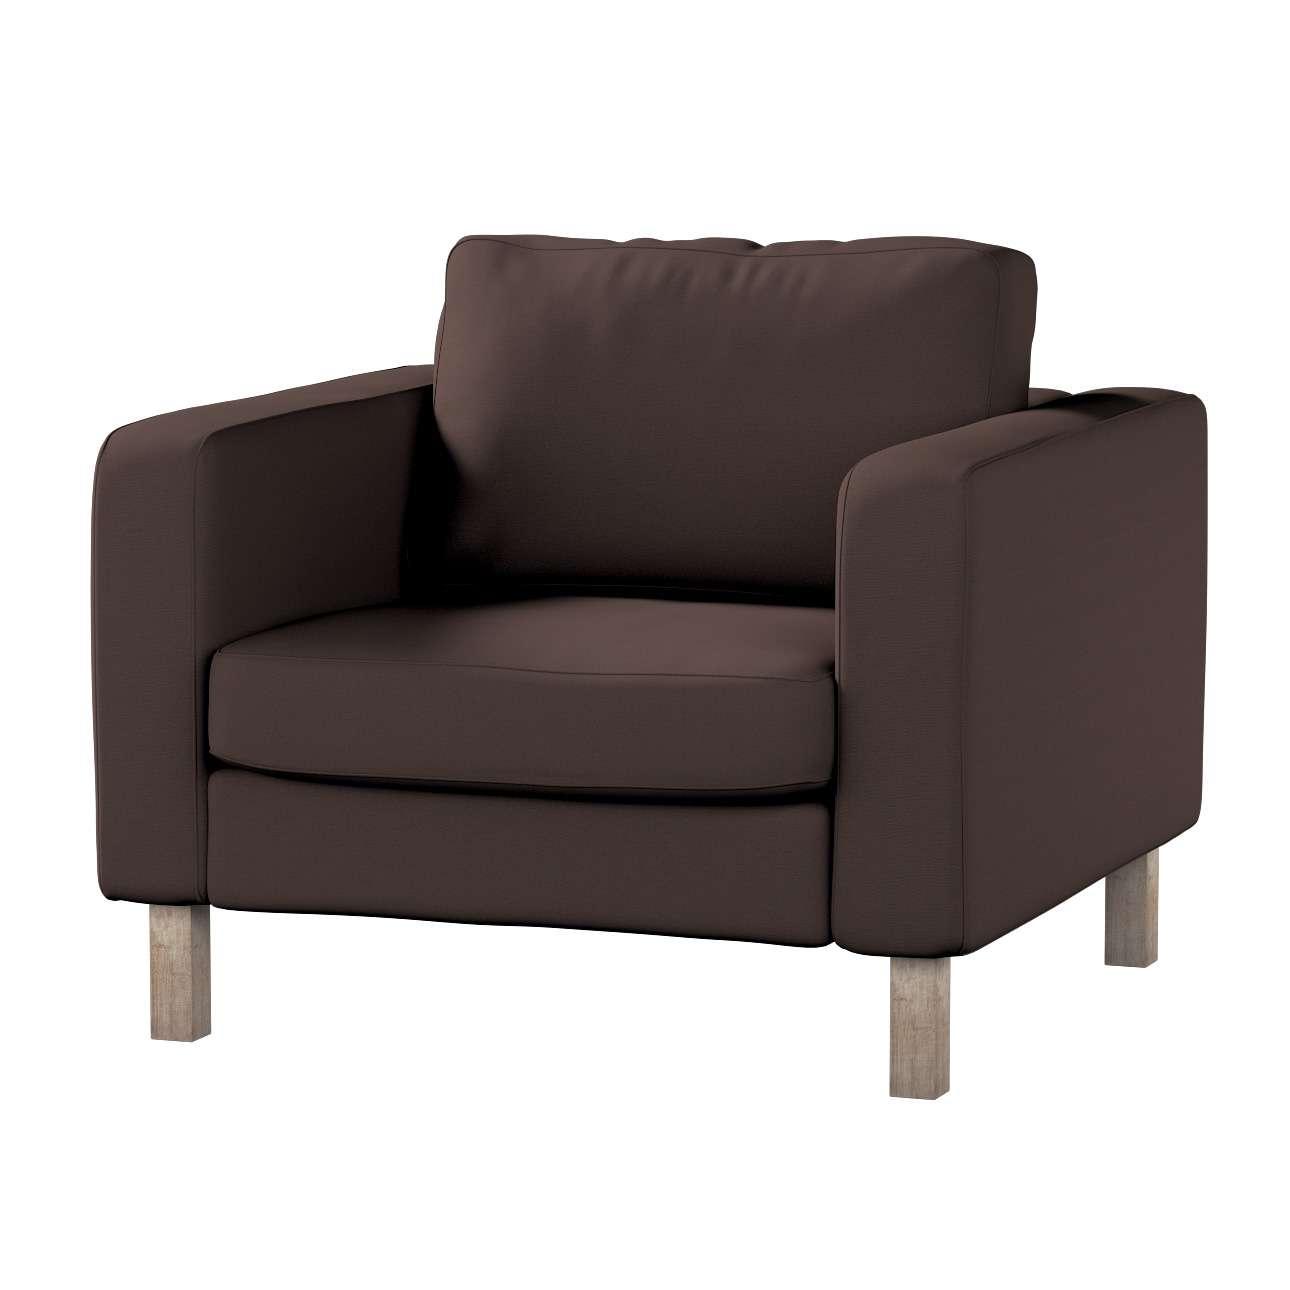 Pokrowiec na fotel Karlstad, krótki Fotel Karlstad w kolekcji Cotton Panama, tkanina: 702-03